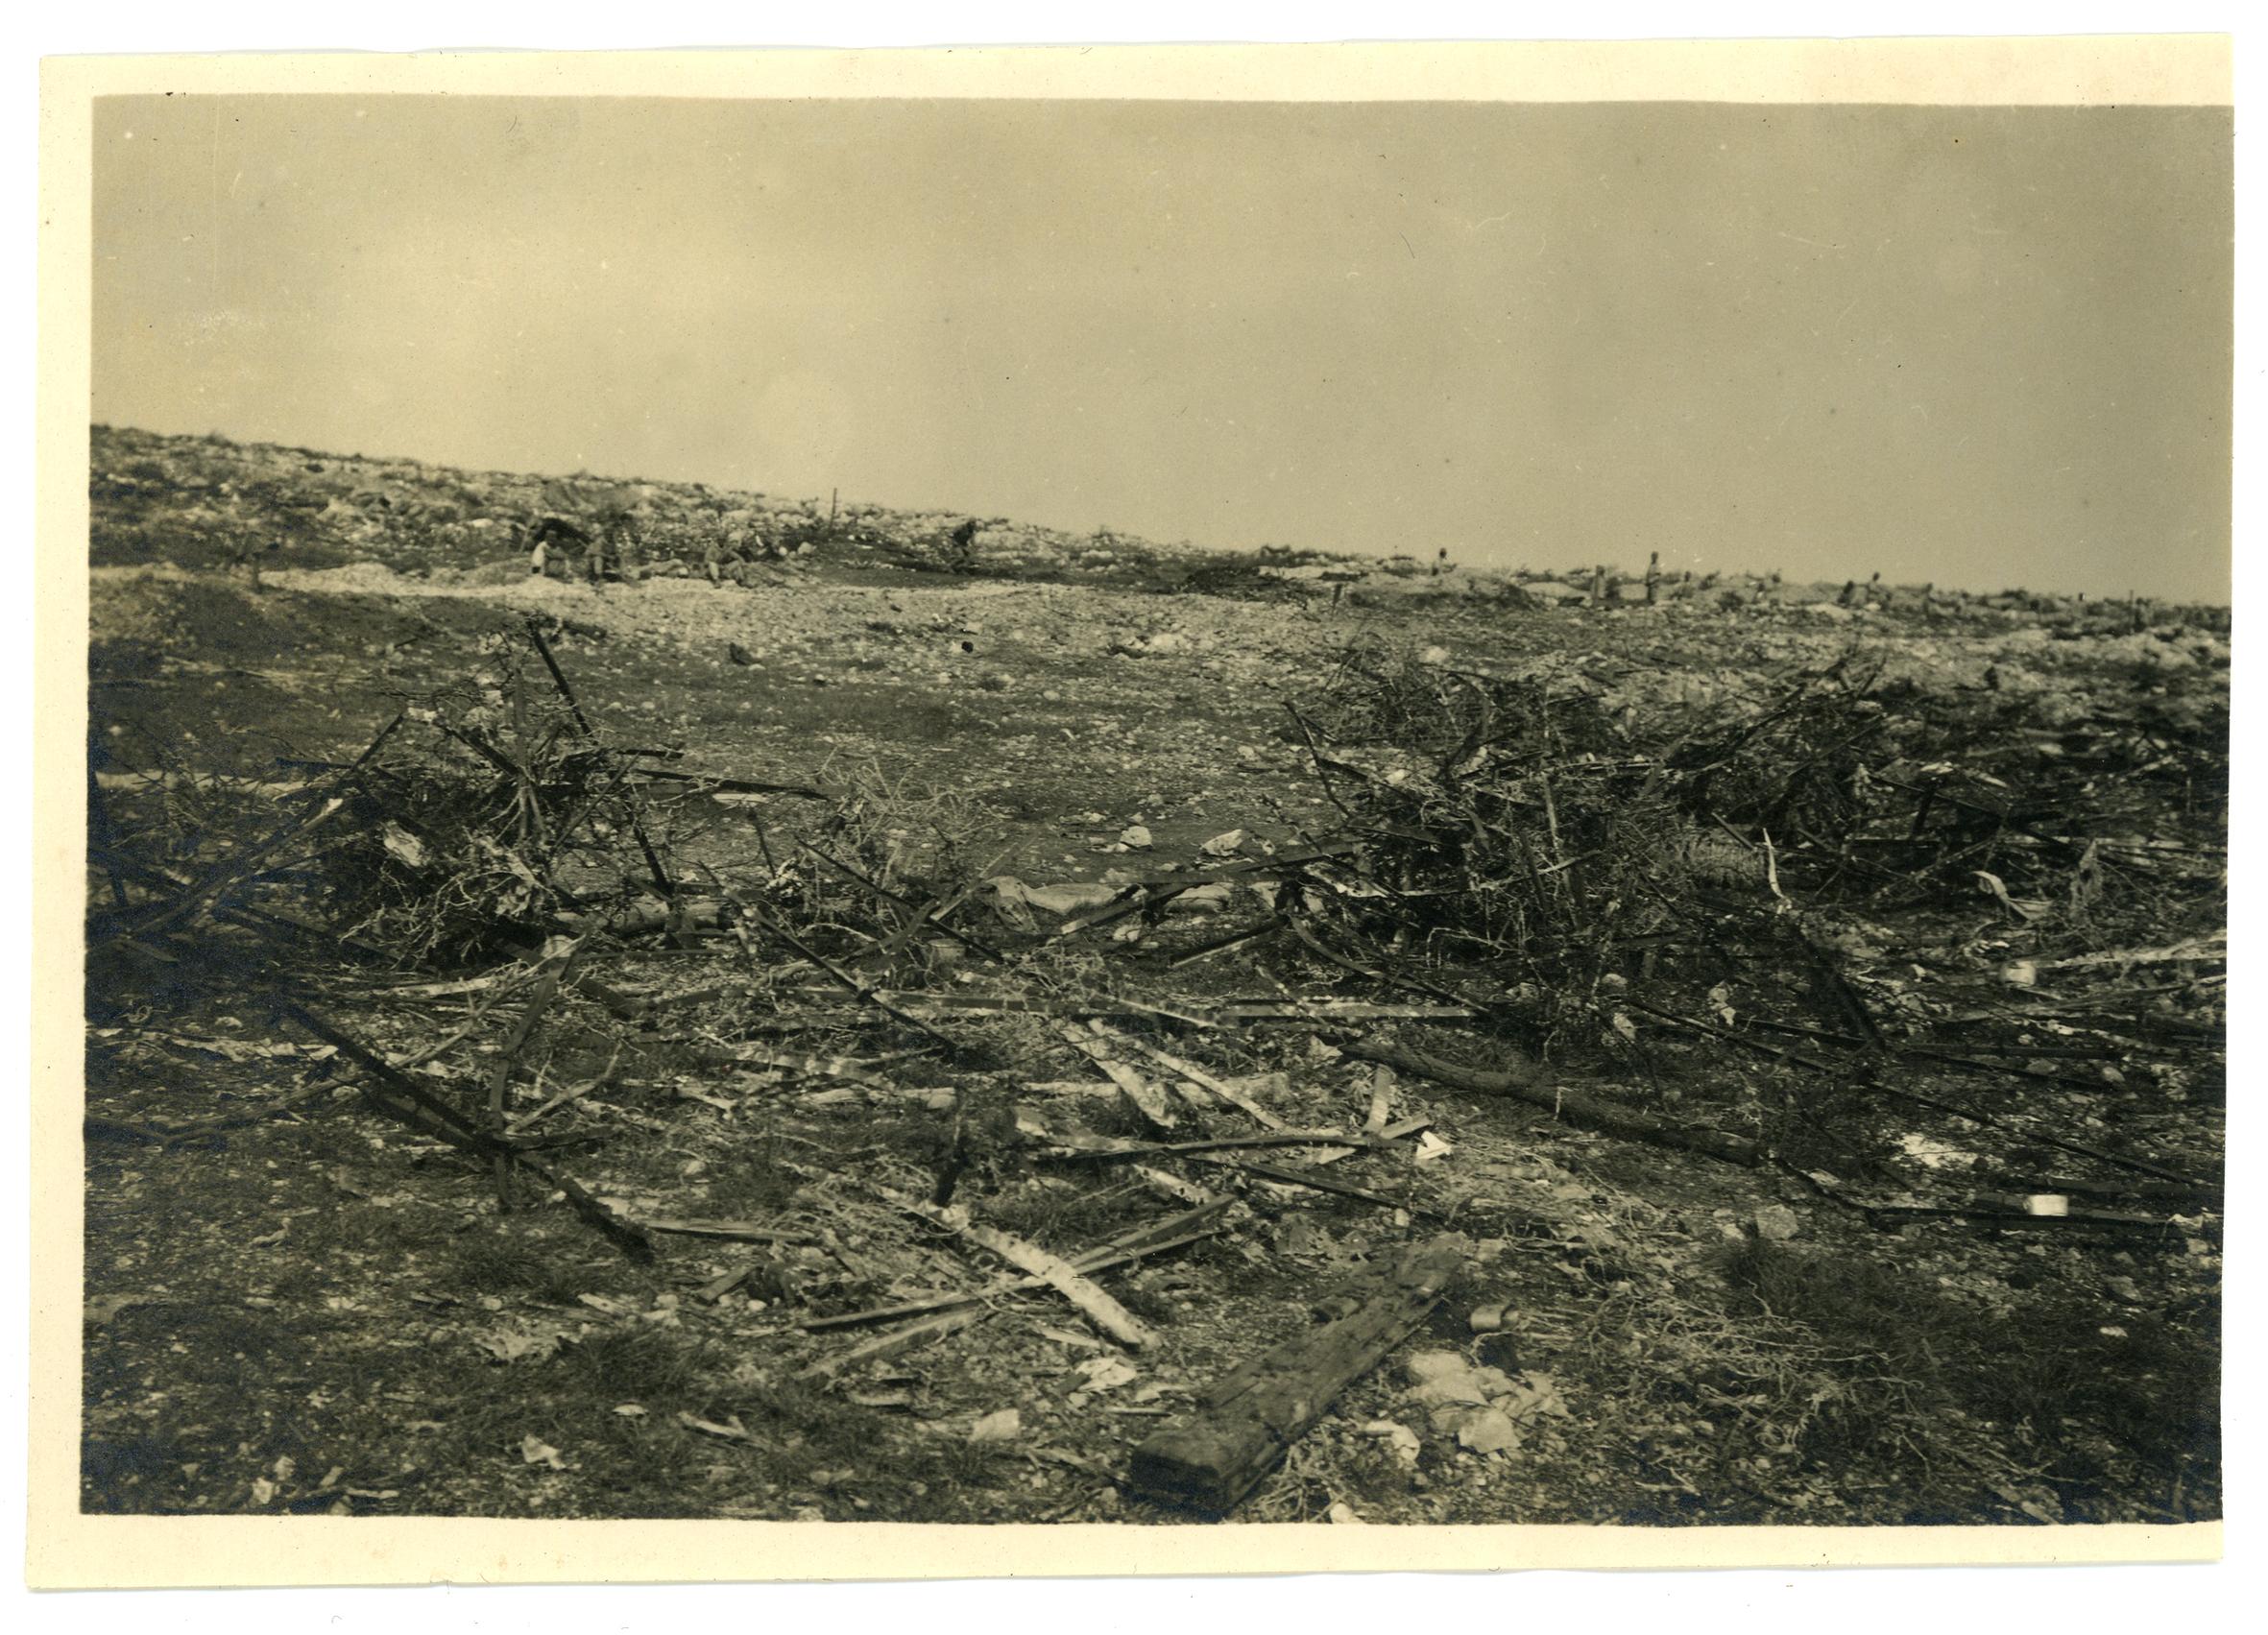 11 - come si presentava il terreno deella lotta su di uno dei molti campi di battaglia carsici - ASDM.JPG